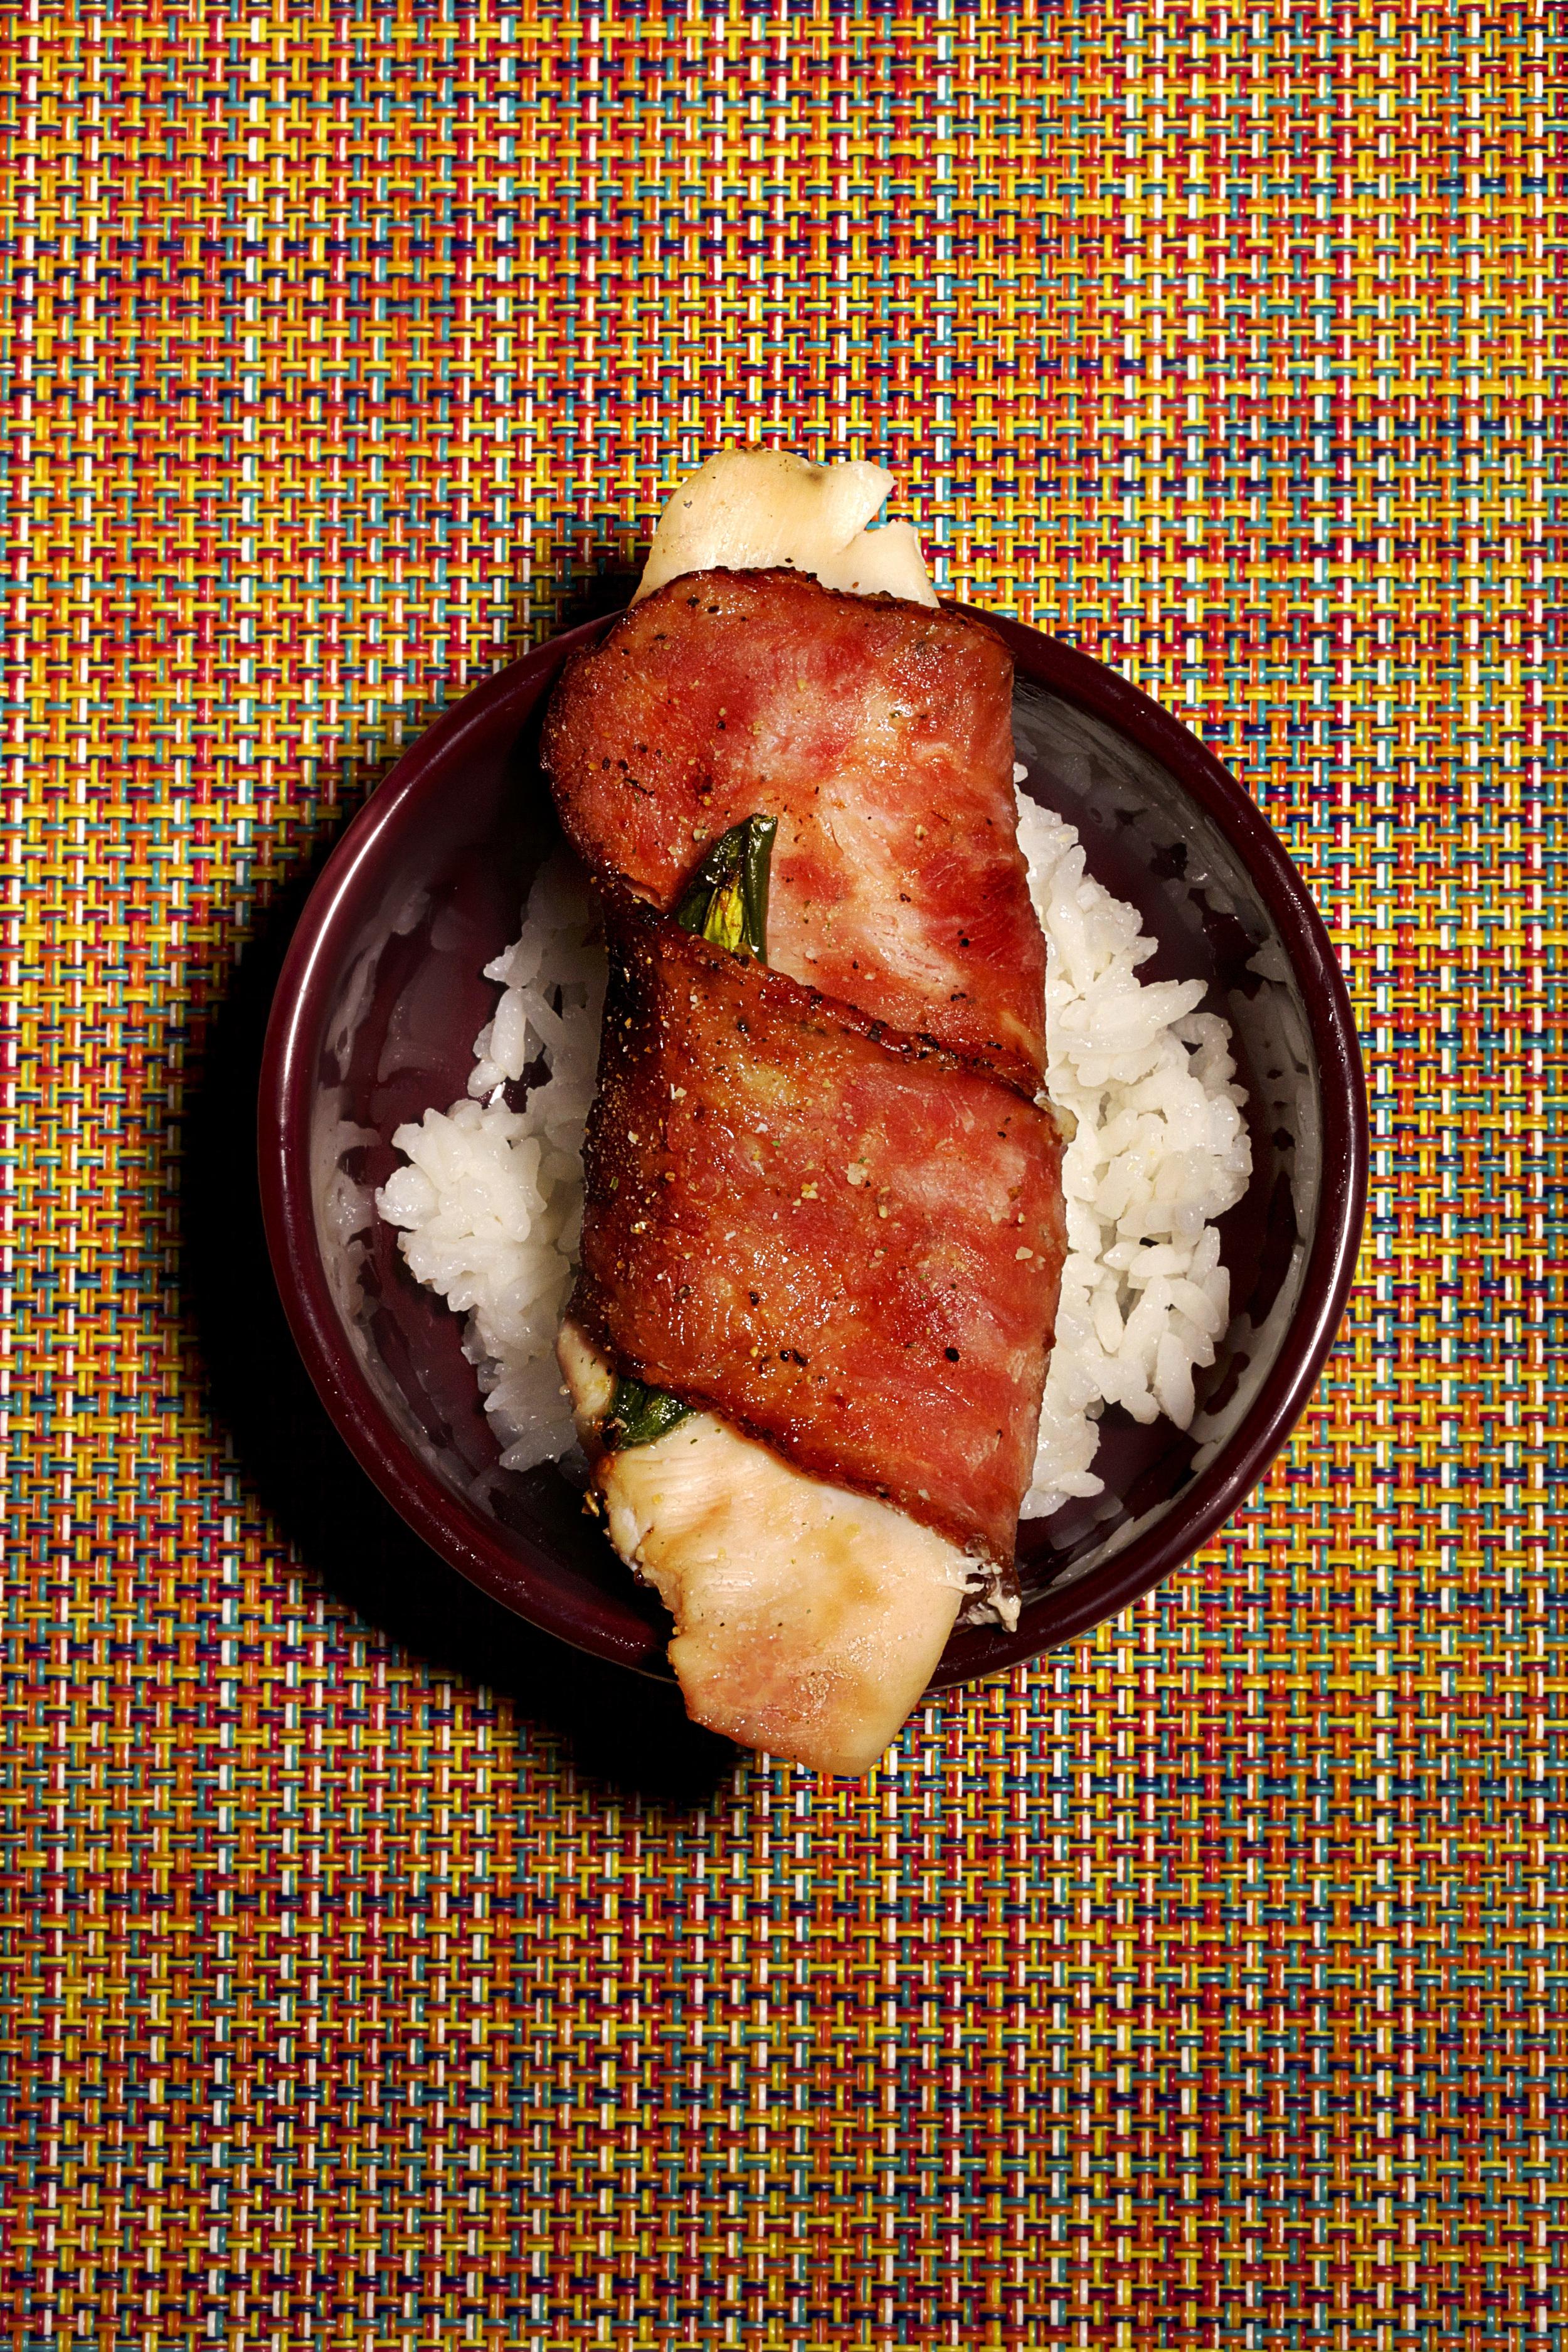 BaconPepperWrappedChicken01.jpg